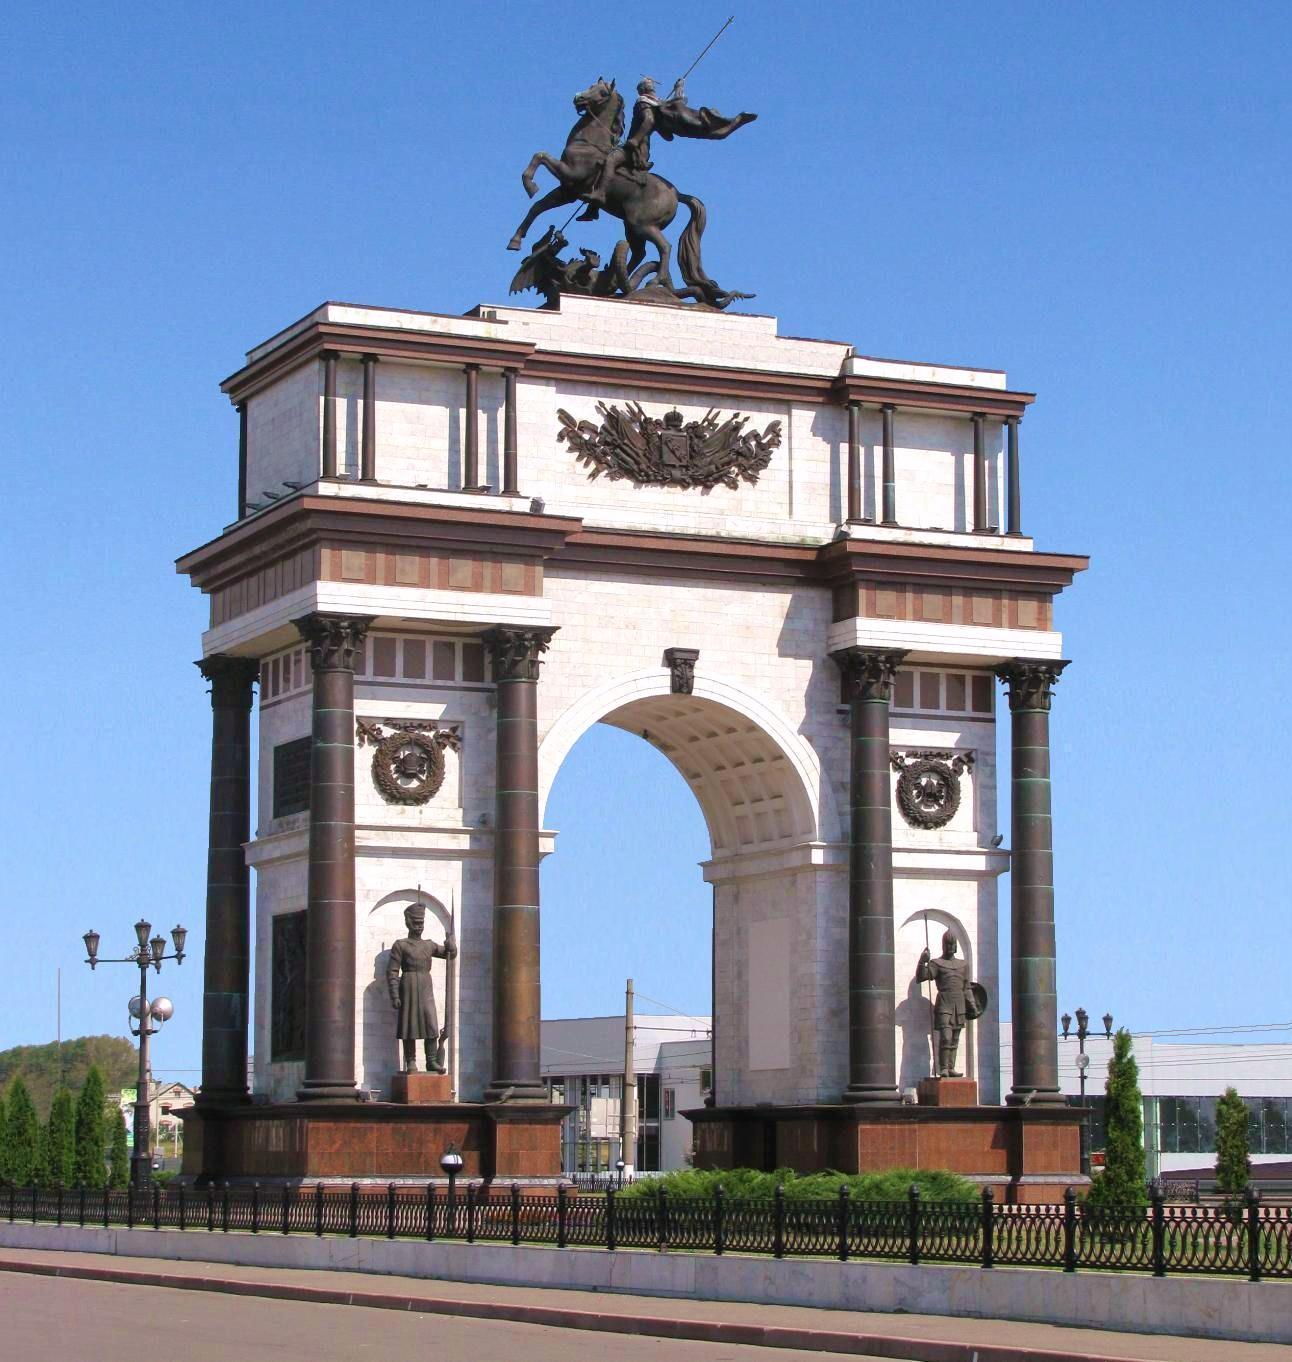 Триумфальная арка - это... Что такое Триумфальная арка? Триумфальная Арка Фильм 1985